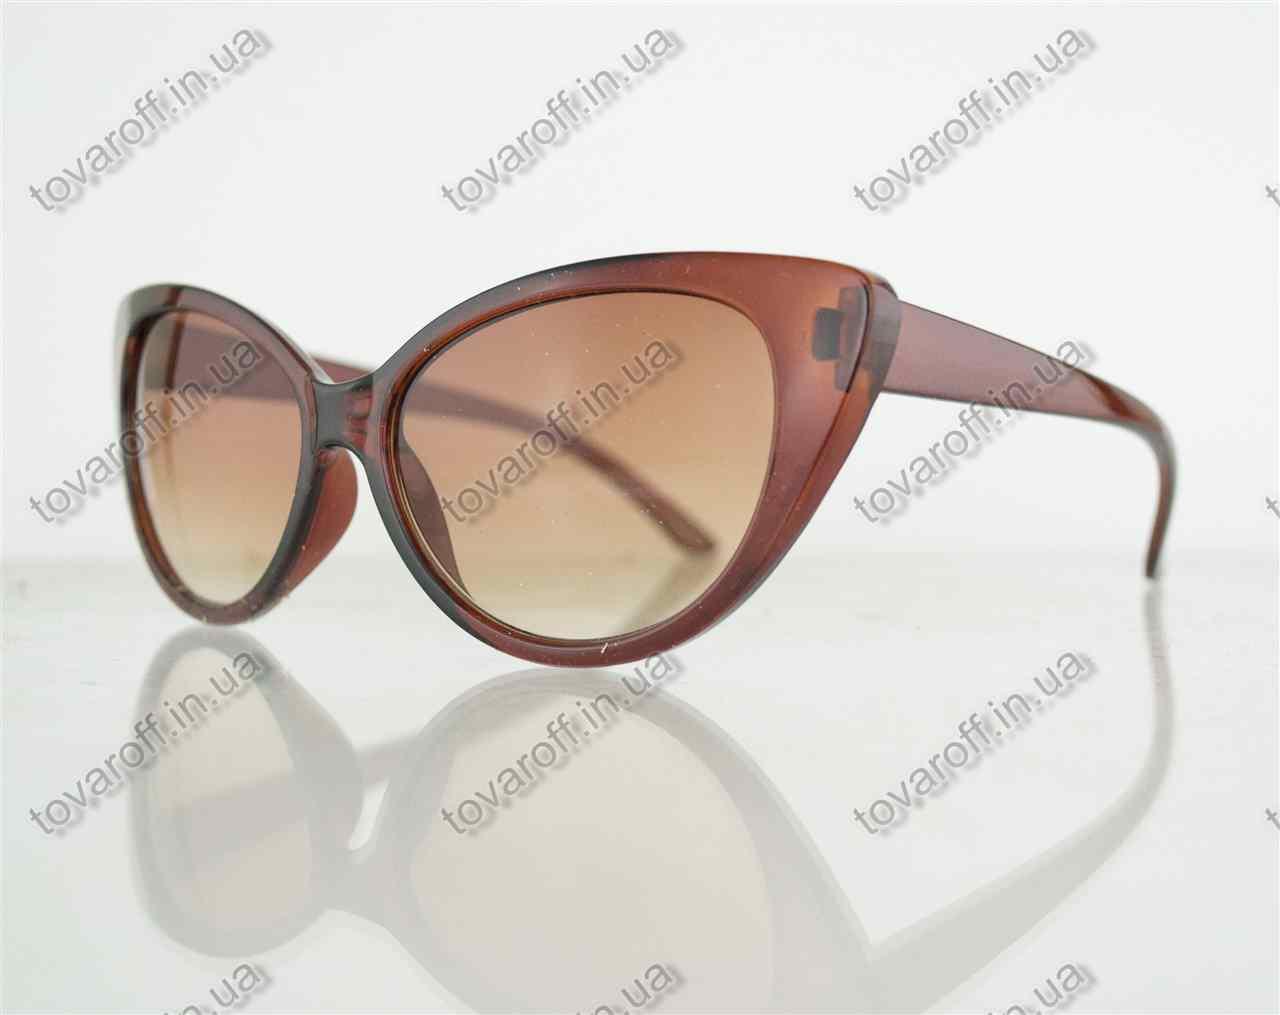 Оптом очки женские солнцезащитные кошачий глаз - Коричневые - 2555